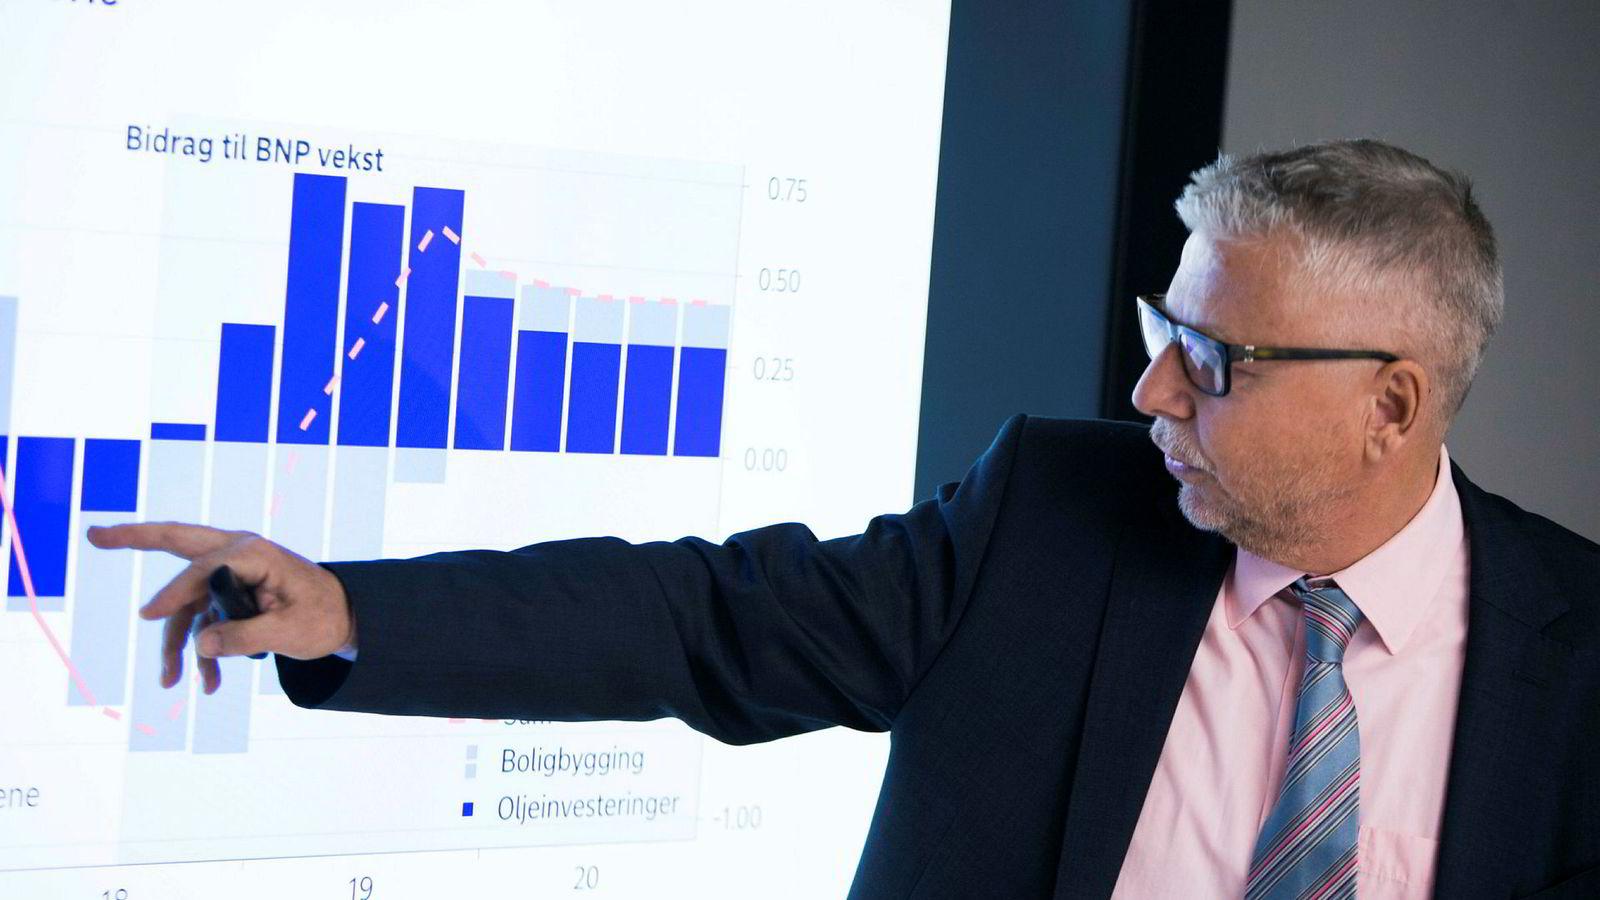 Sjefanalytiker Erik Bruce i Nordea tror det kan være en god idé å binde renten etter at Norges Bank torsdag satte opp styringsrenten til 1,25 prosent.